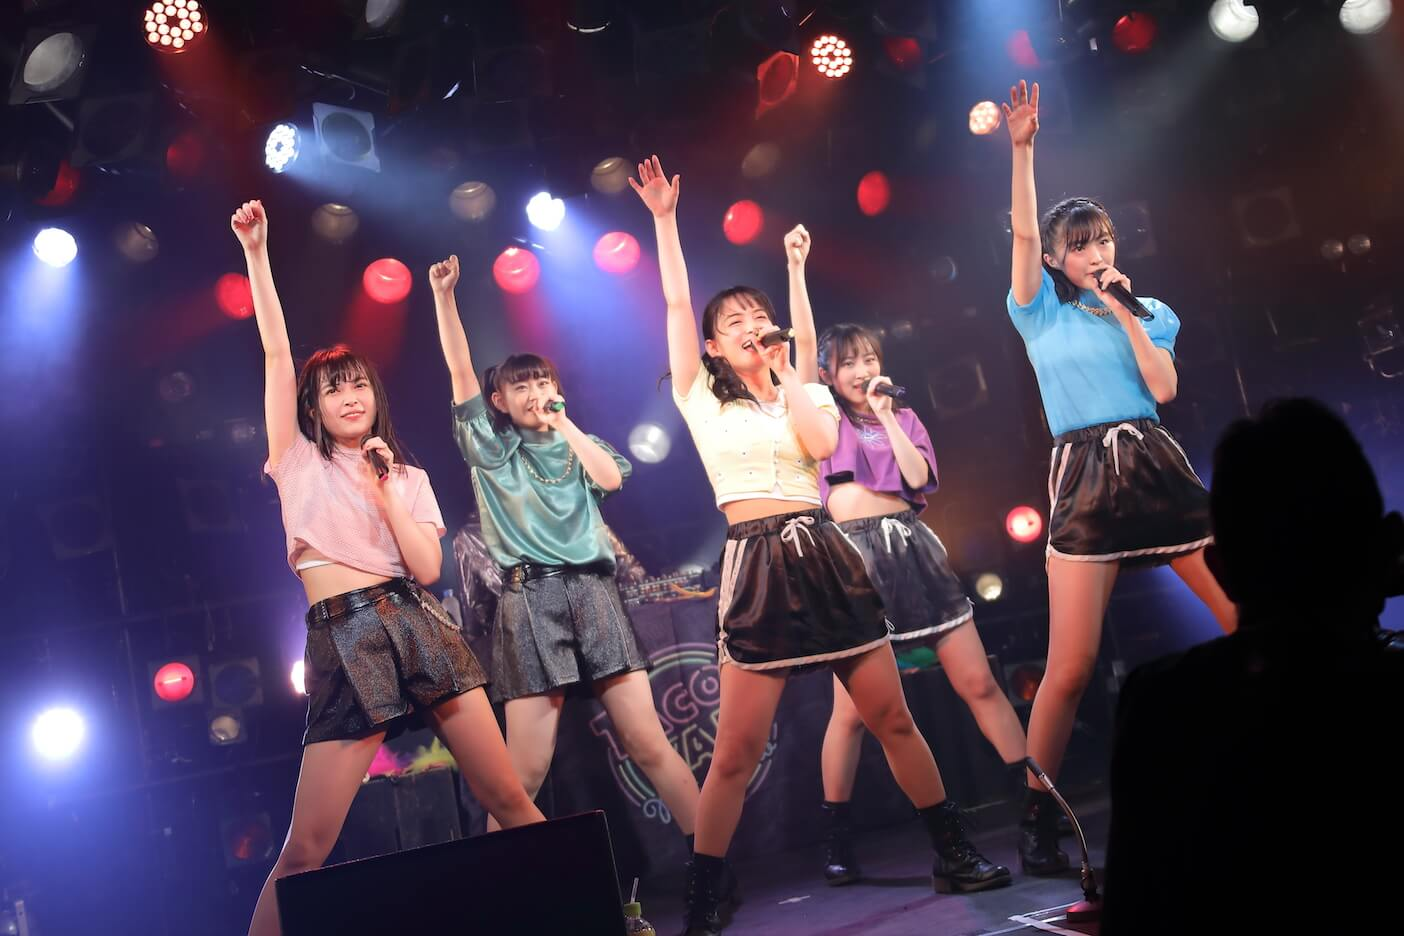 たこやきレインボー、「CLUB RAINBOW'20」生配信ライブ開催サムネイル画像